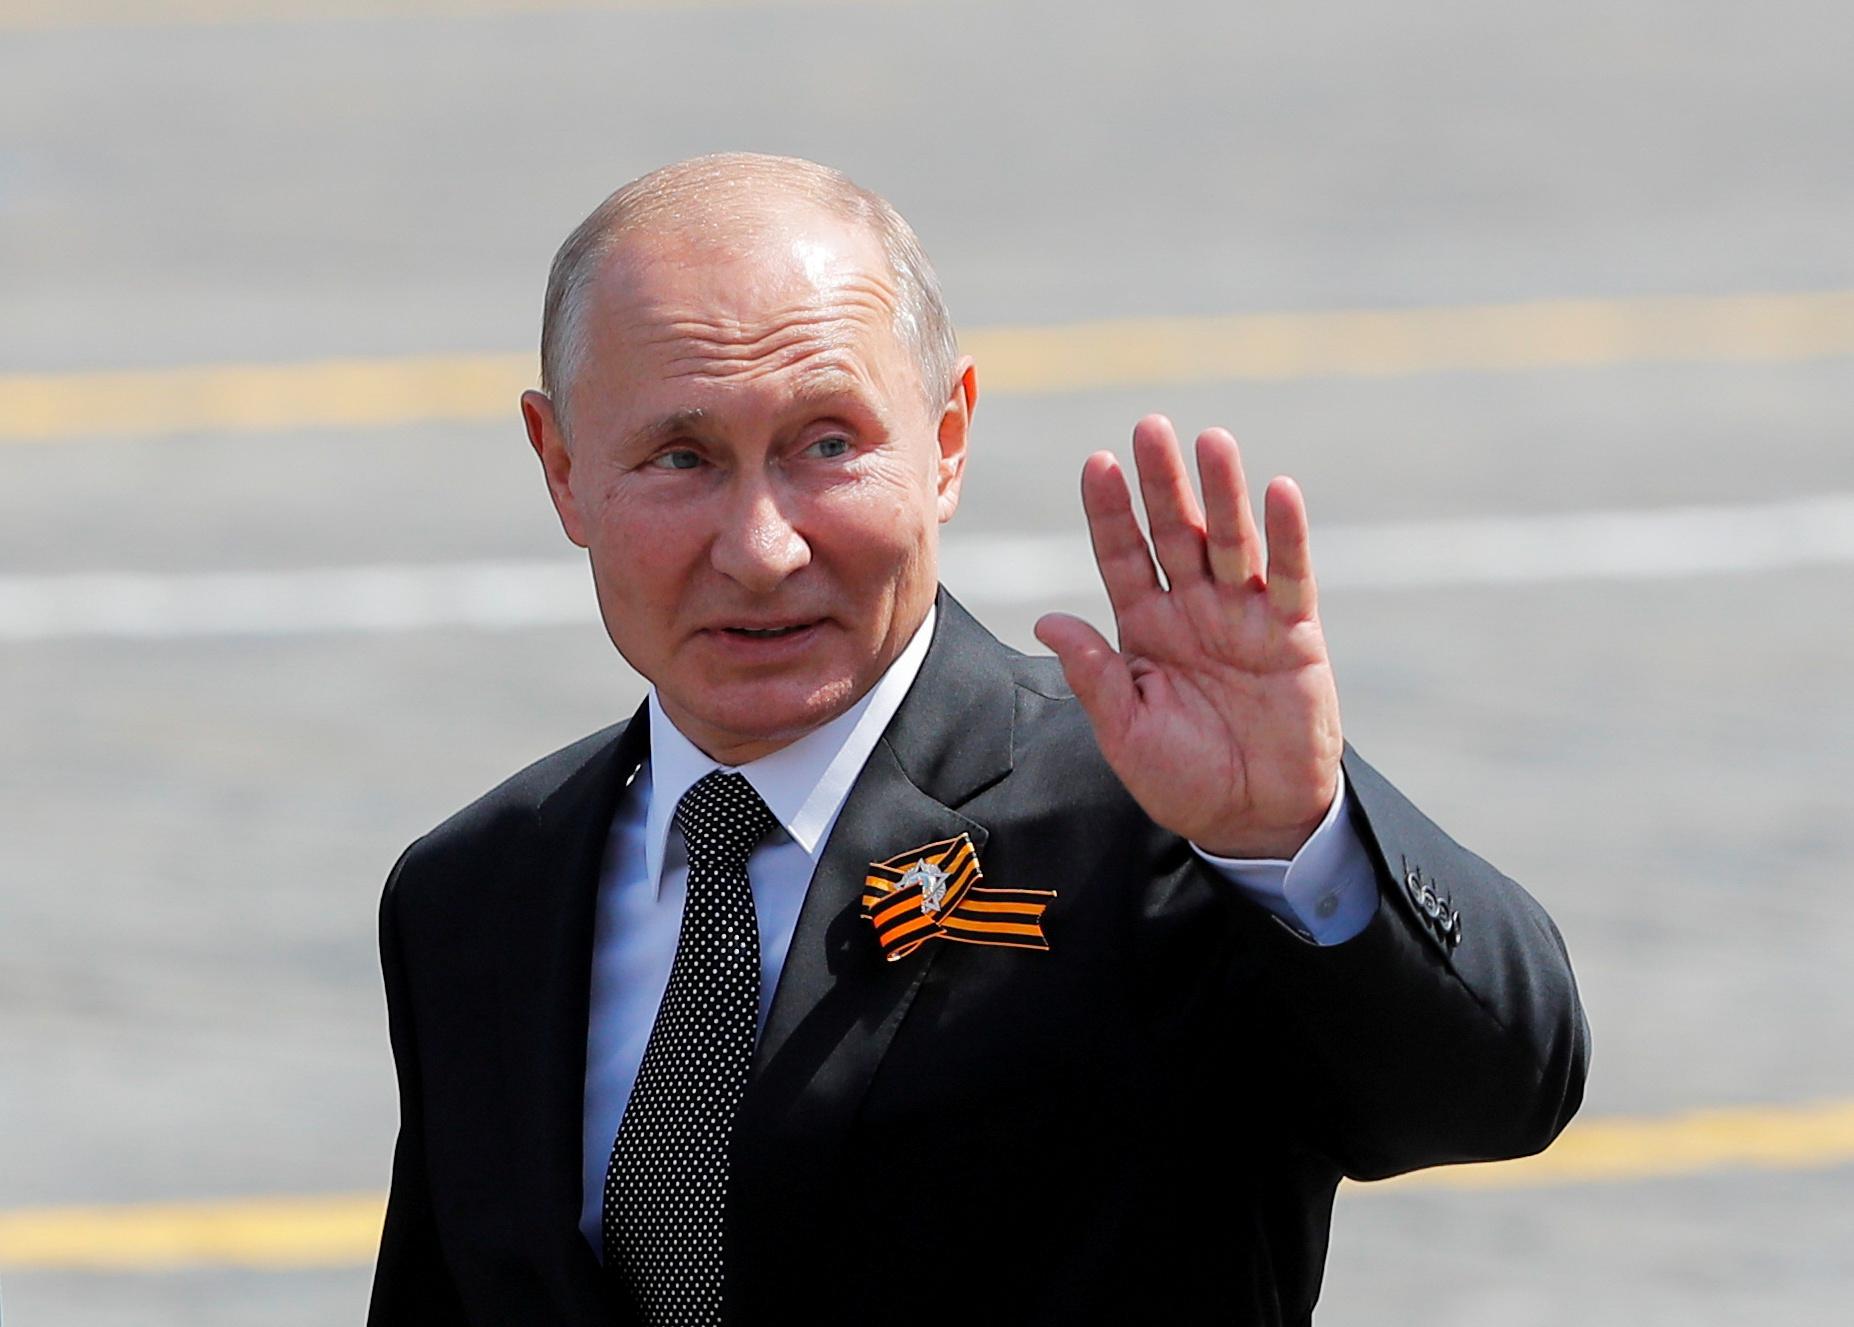 آماده گفتگو با رئیس جمهور اوکراین در مسکو هستم